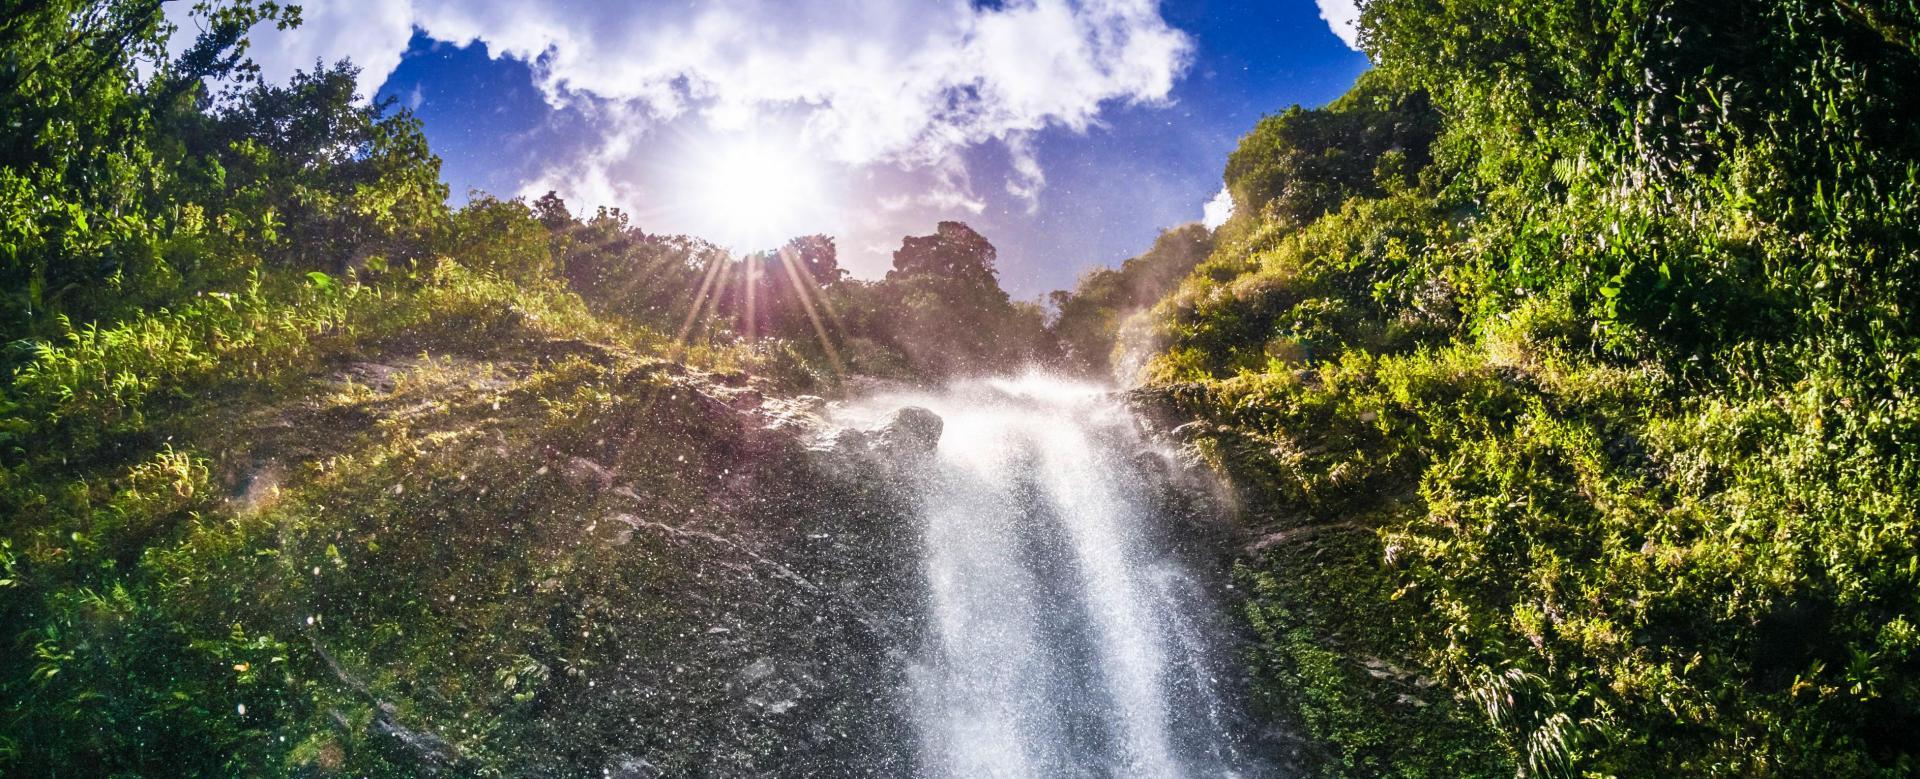 Voyage en véhicule : Karukera, l'île aux belles eaux